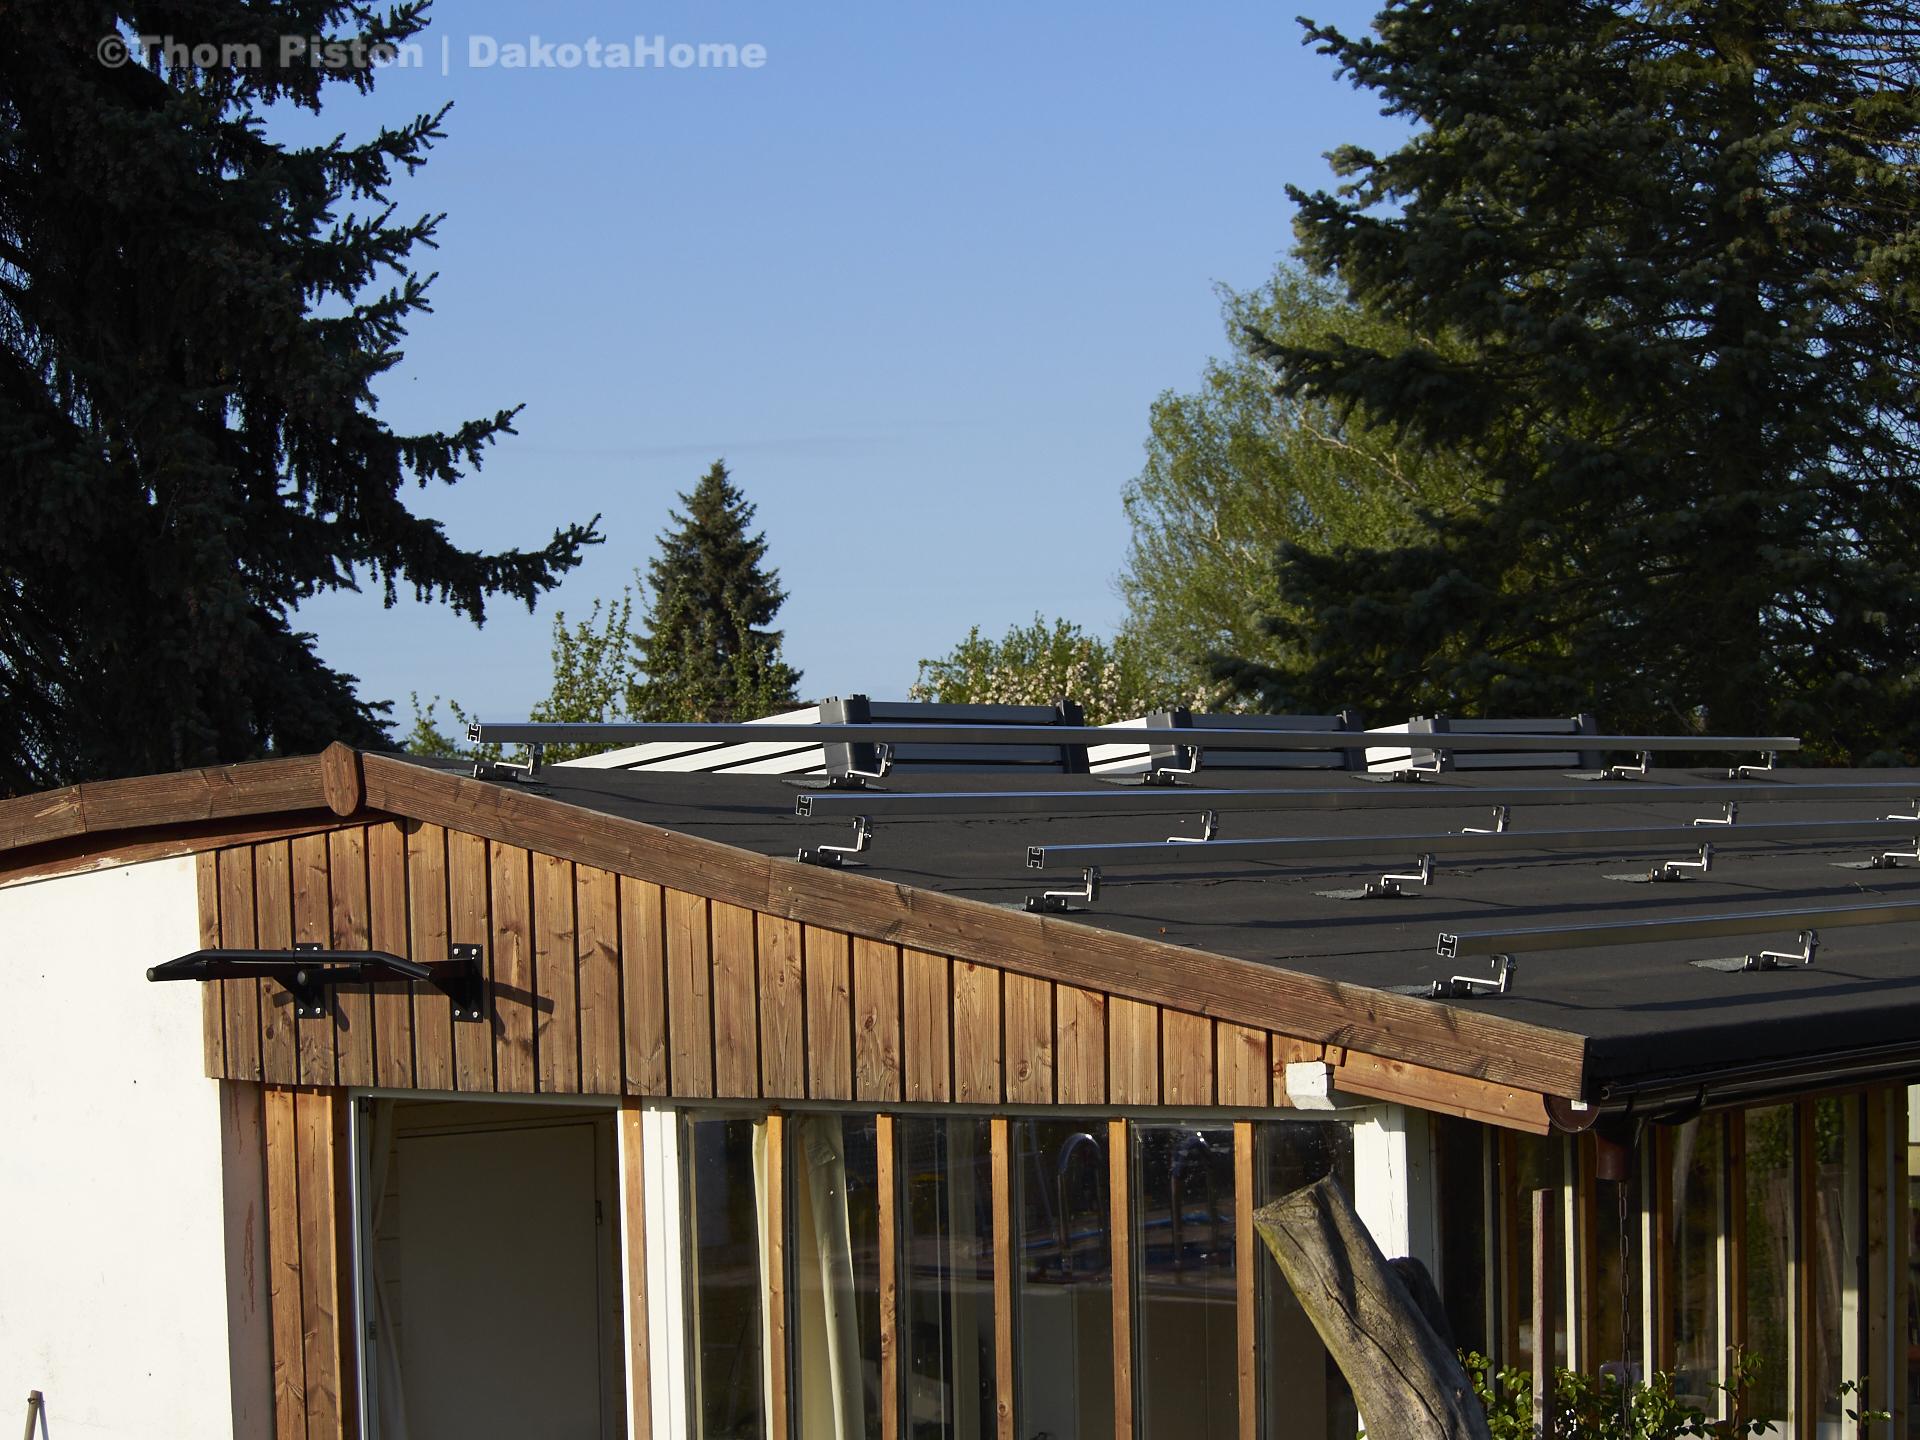 Photovoltaic gestell auf dem dach des dakota home